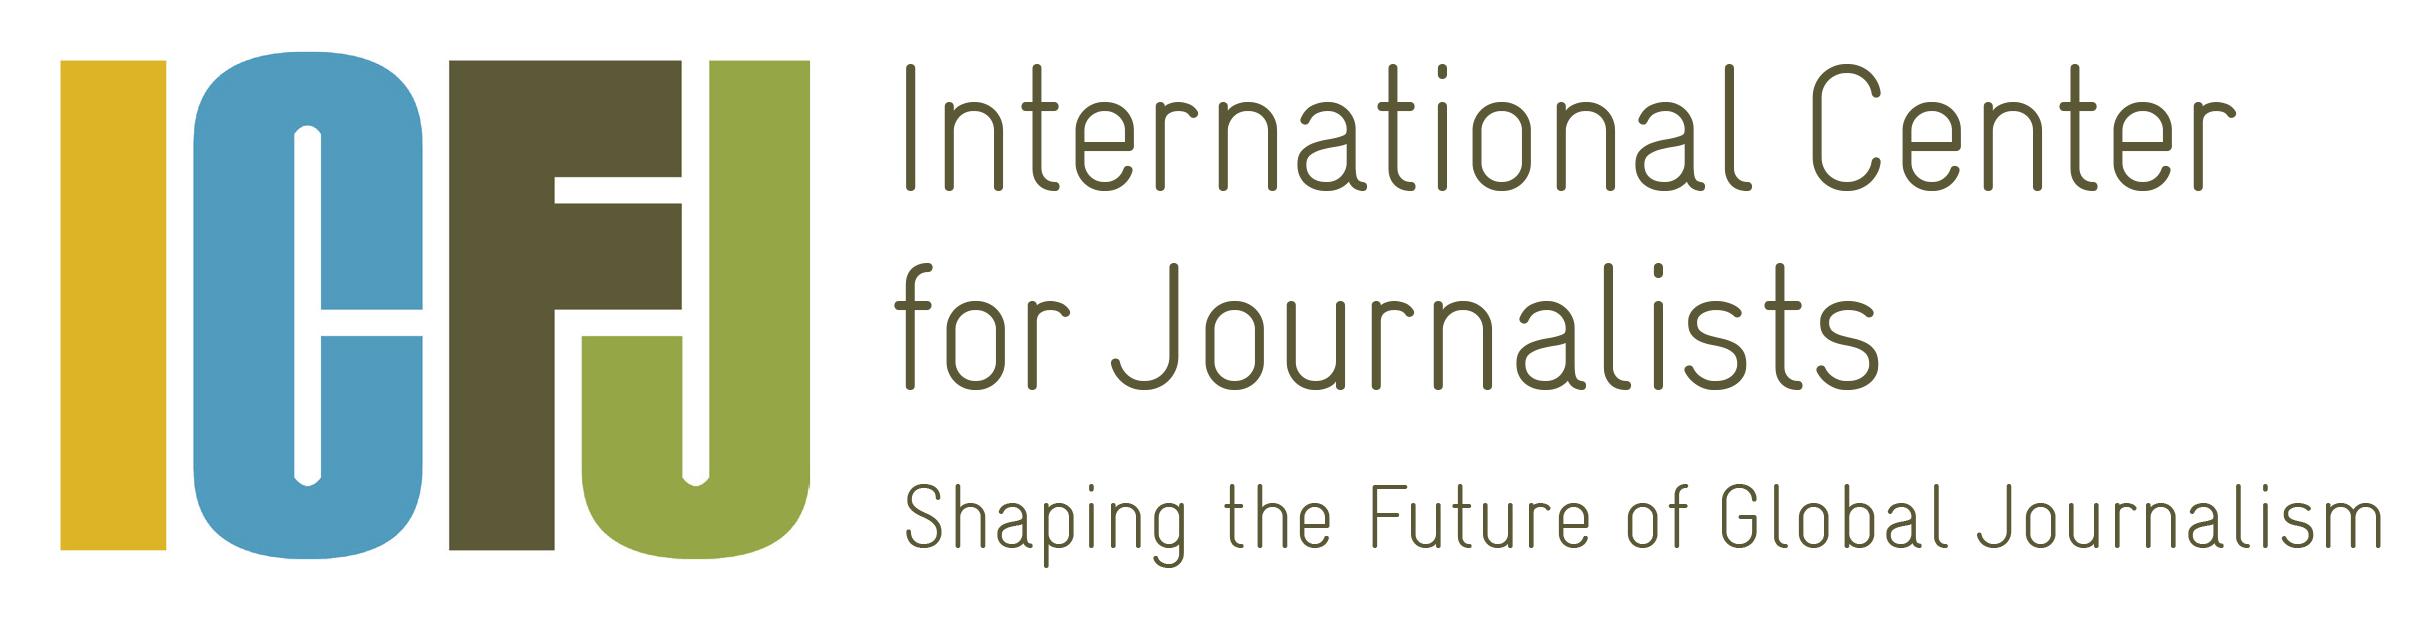 ICFJ logo tagline 2016 CMYK